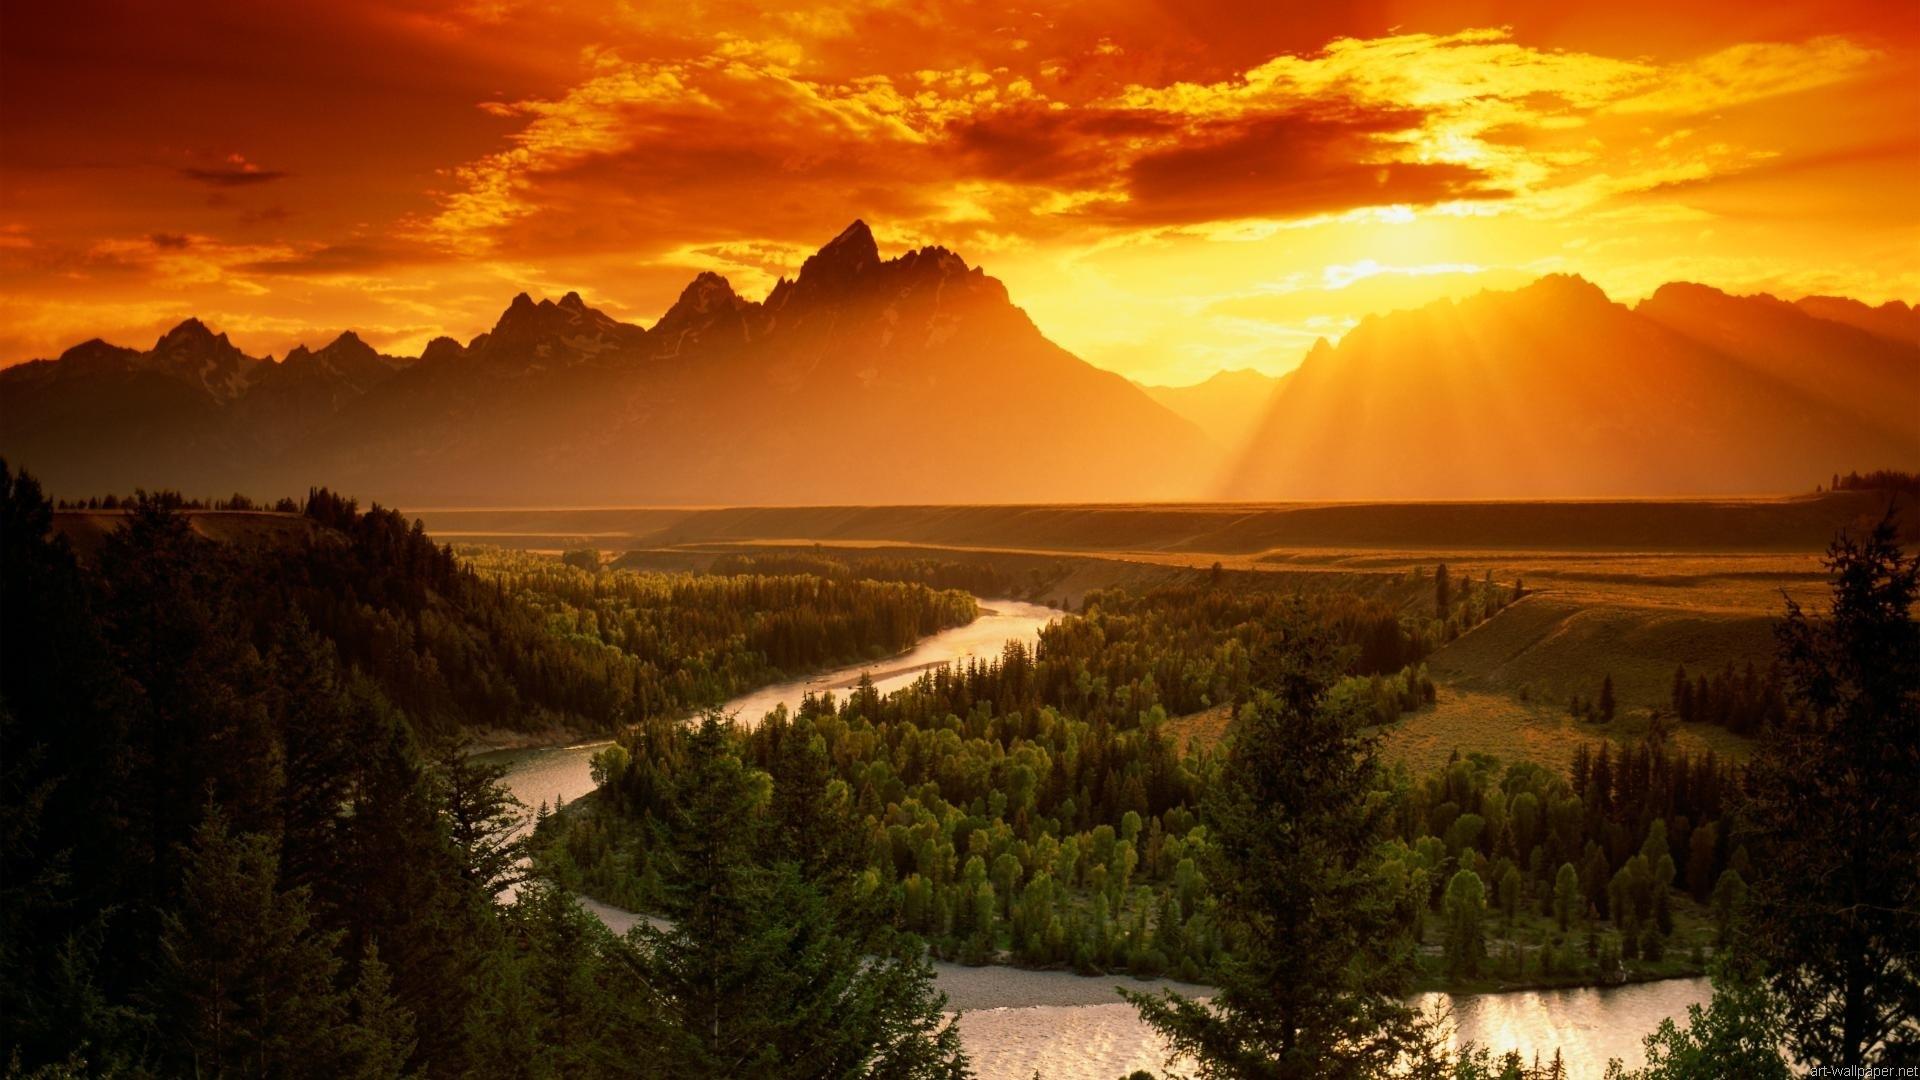 Beautiful 1080p Wallpapers Wallpapersafari